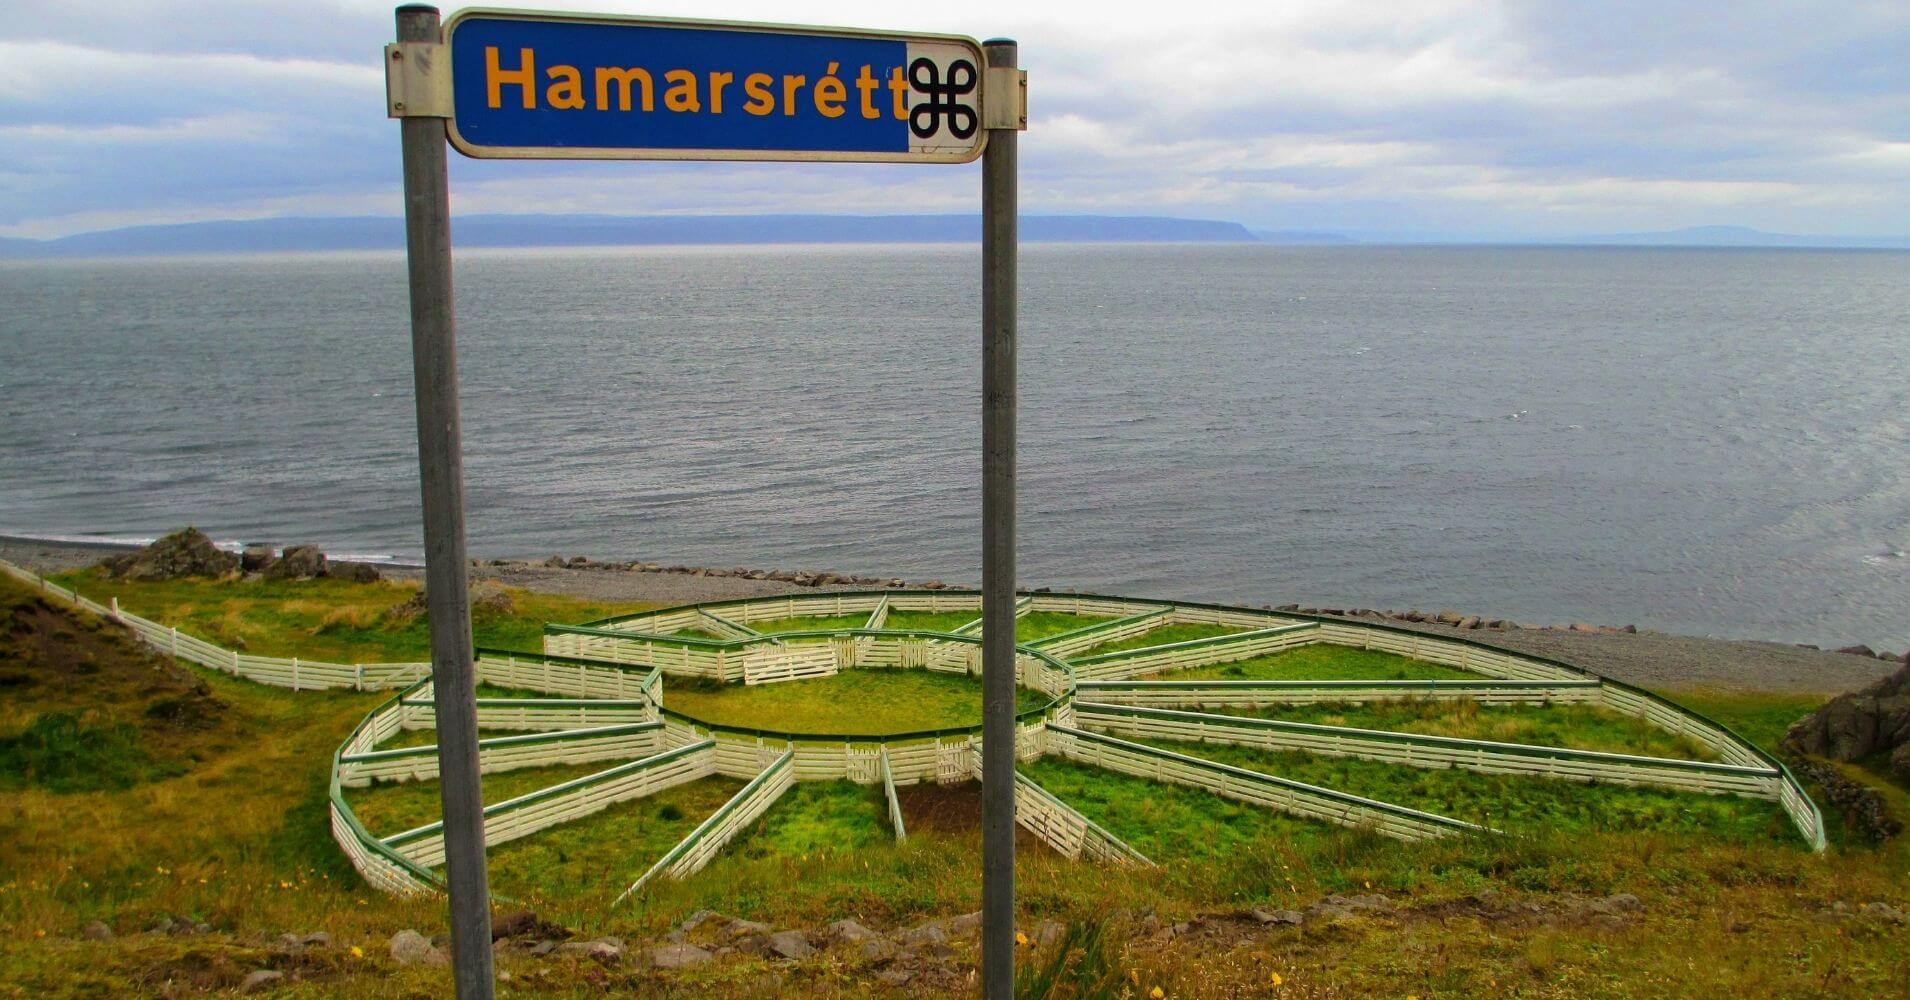 Hamarsrétt. Península de Vatnsnes. Hvammstangi. Norðurland Vestra. Islandia.